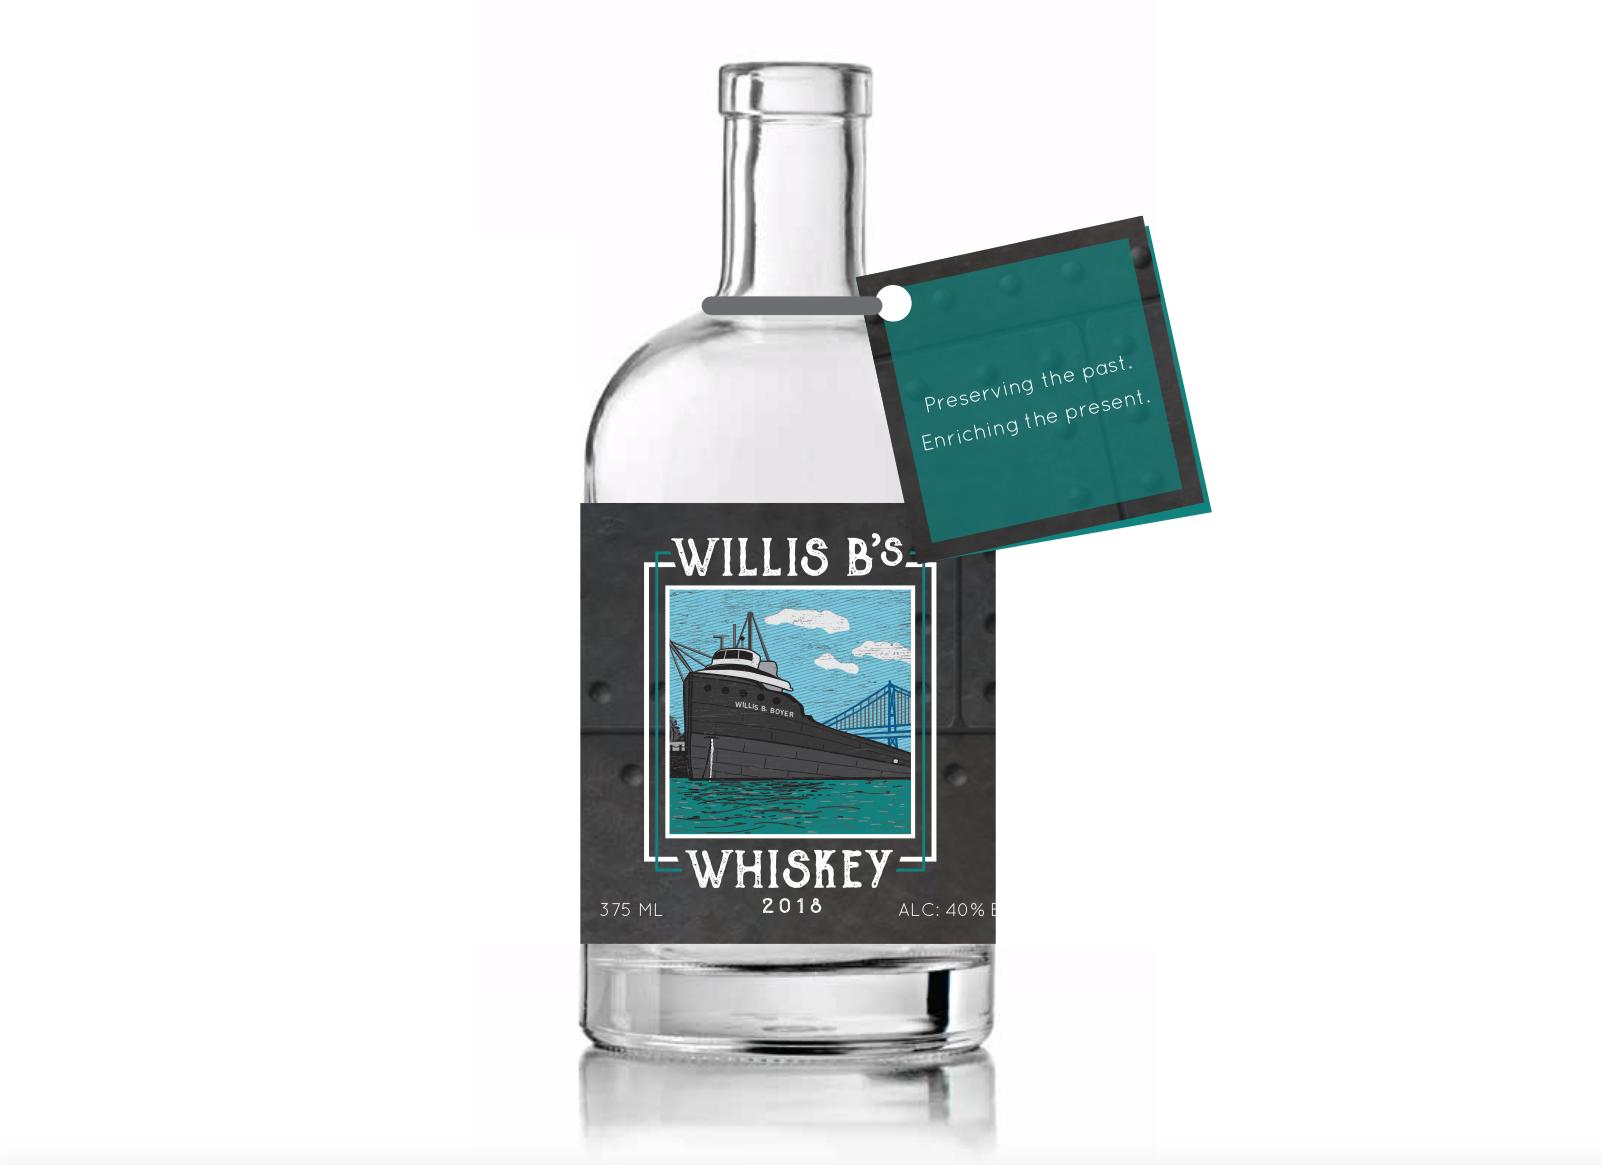 Fundraiser Bottle Label